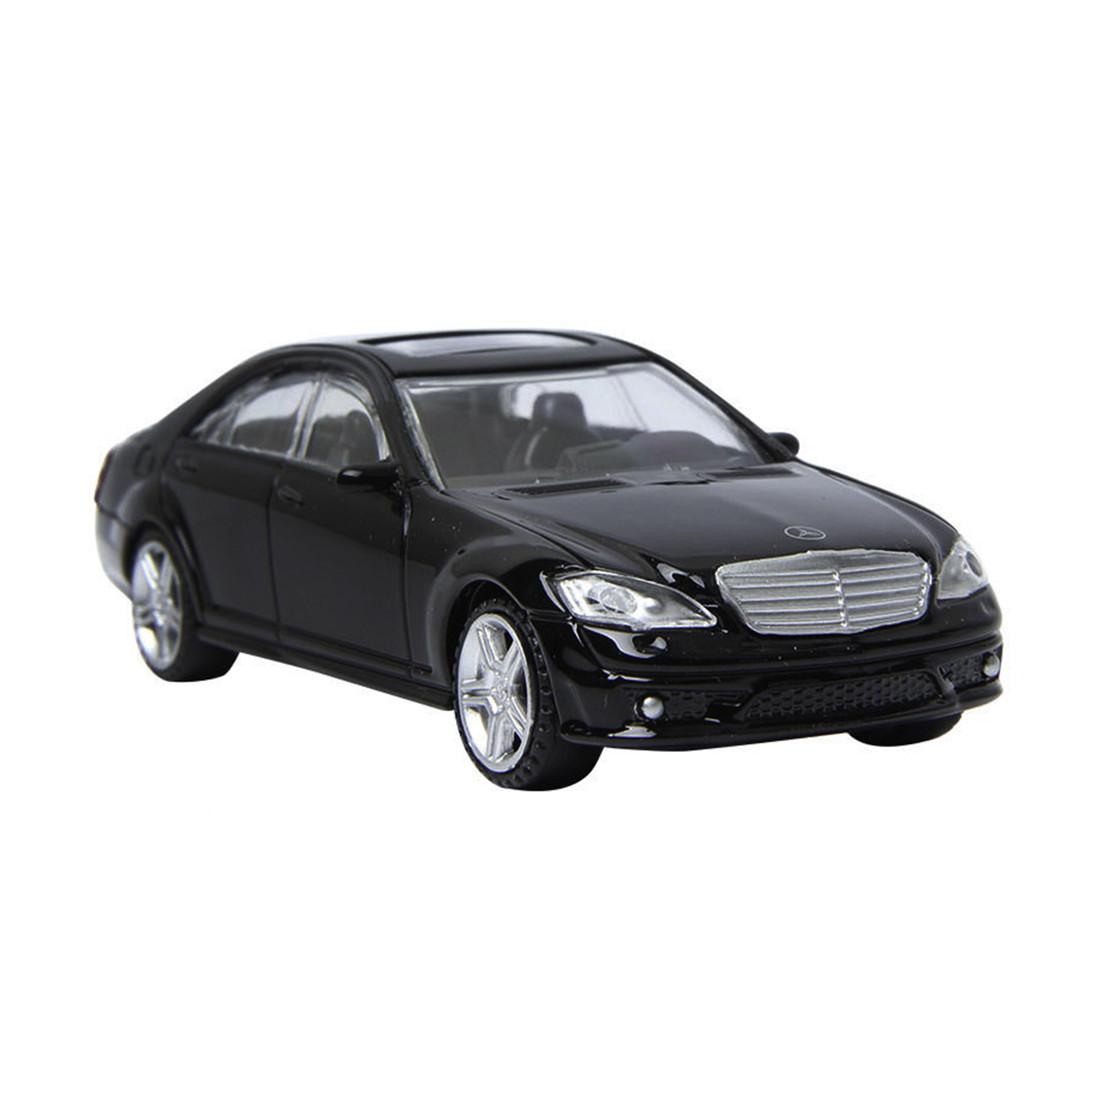 Металлическая машинка RASTAR 37100B 1:43 Mercedes-Benz S 63 AMG 115 см Чёрная